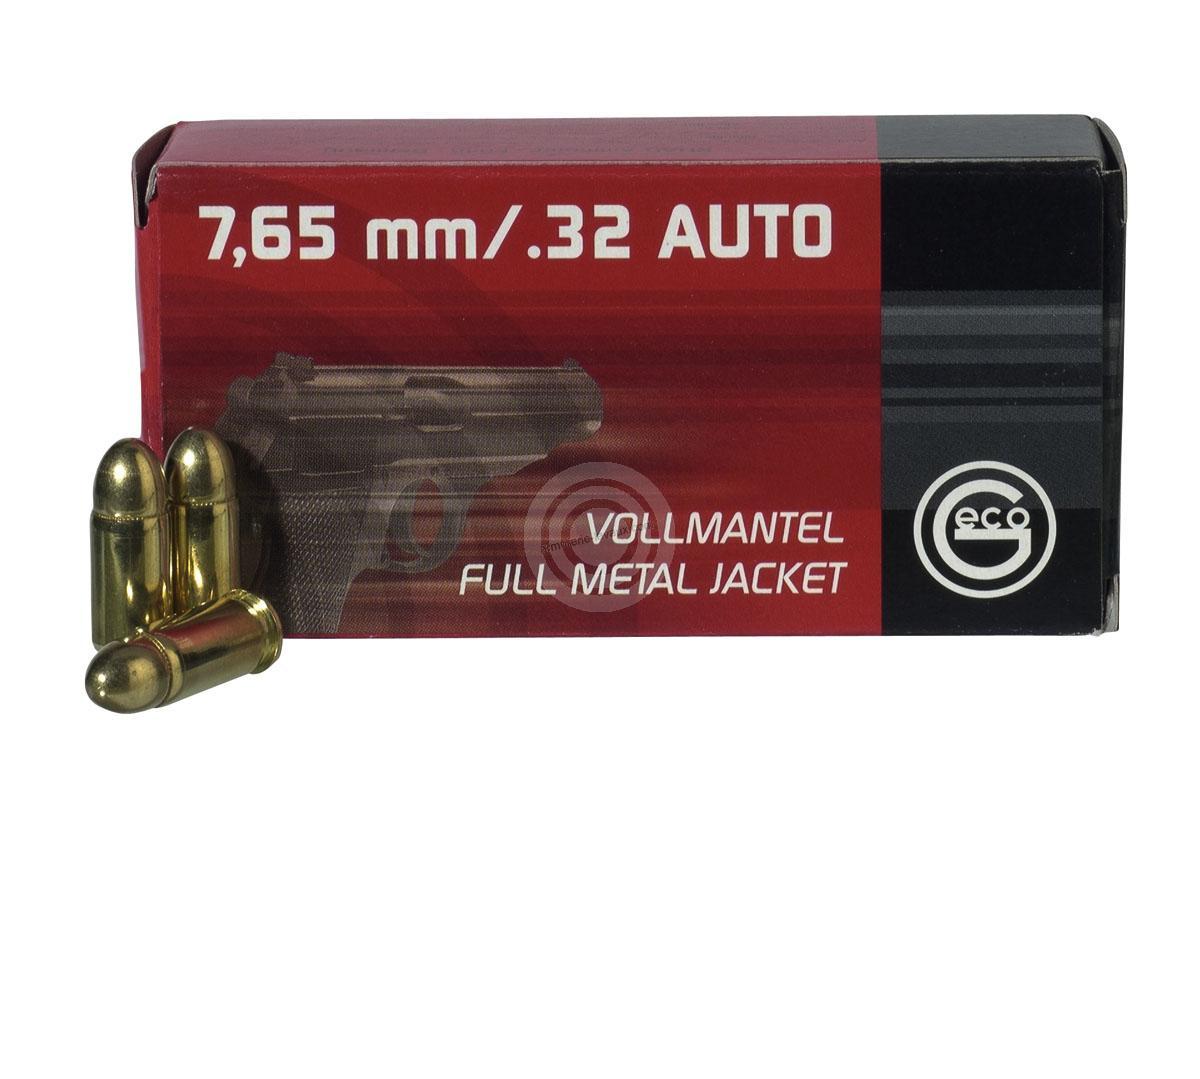 GECO cal.7,65 mm (.32 Auto) FMJ Round Nose